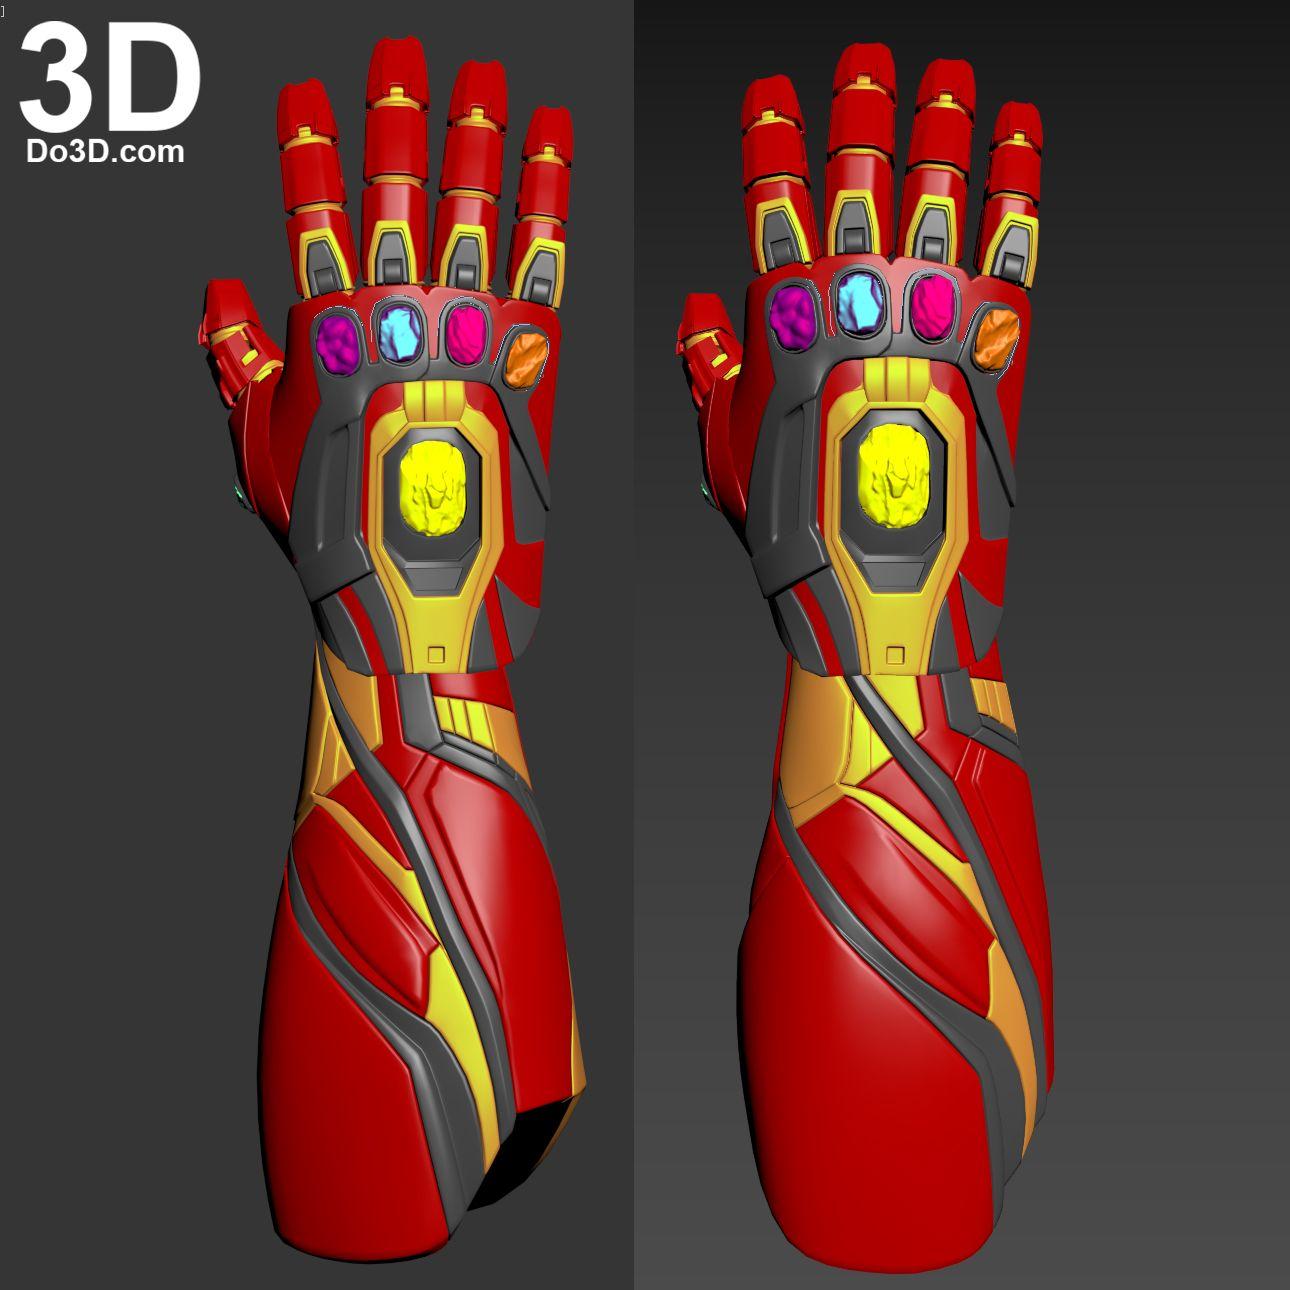 3d Printable Model Iron Man Mark Lxxxv Mk 85 Nano Gauntlet With Infinity Stones Avengers Endgame Print File Fo 3d Printable Models Iron Man Armor Iron Man